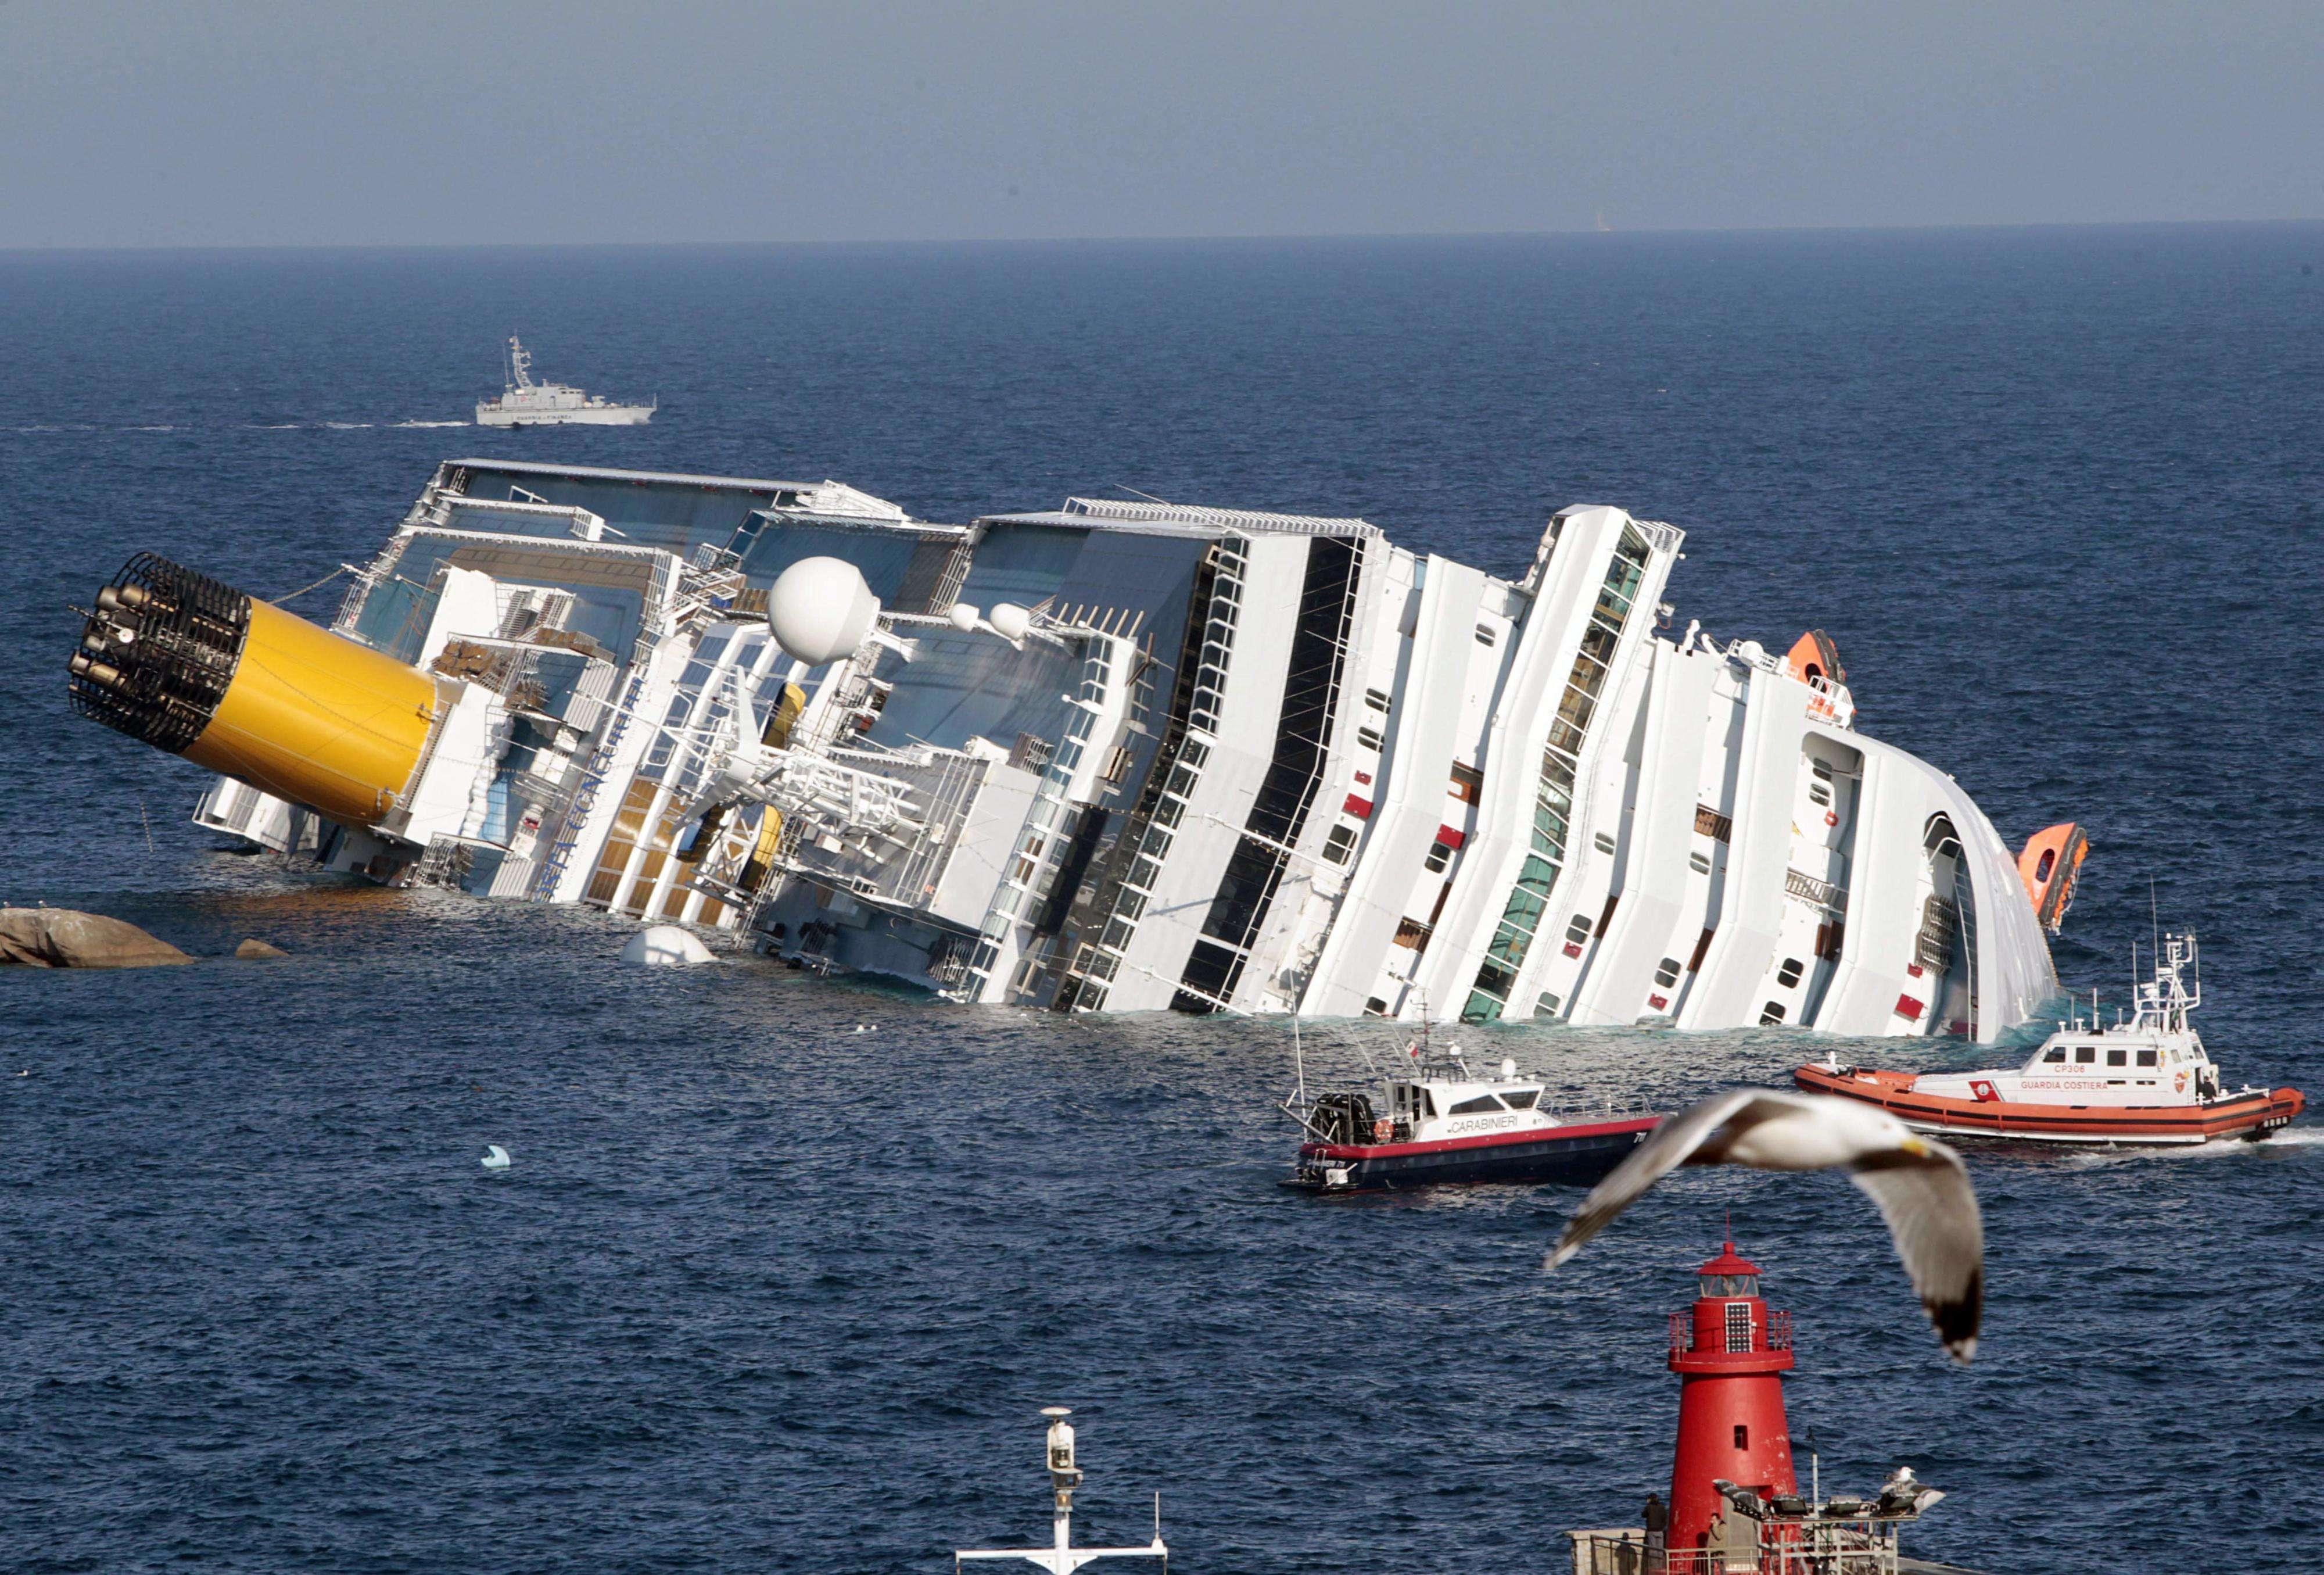 En esta foto de archivo del 24 de enero de 2012, el buque crucero de lujo Costa Concordia yace de costado luego de encallar en la isla toscana de Giglio, Italia. Foto: AP en español